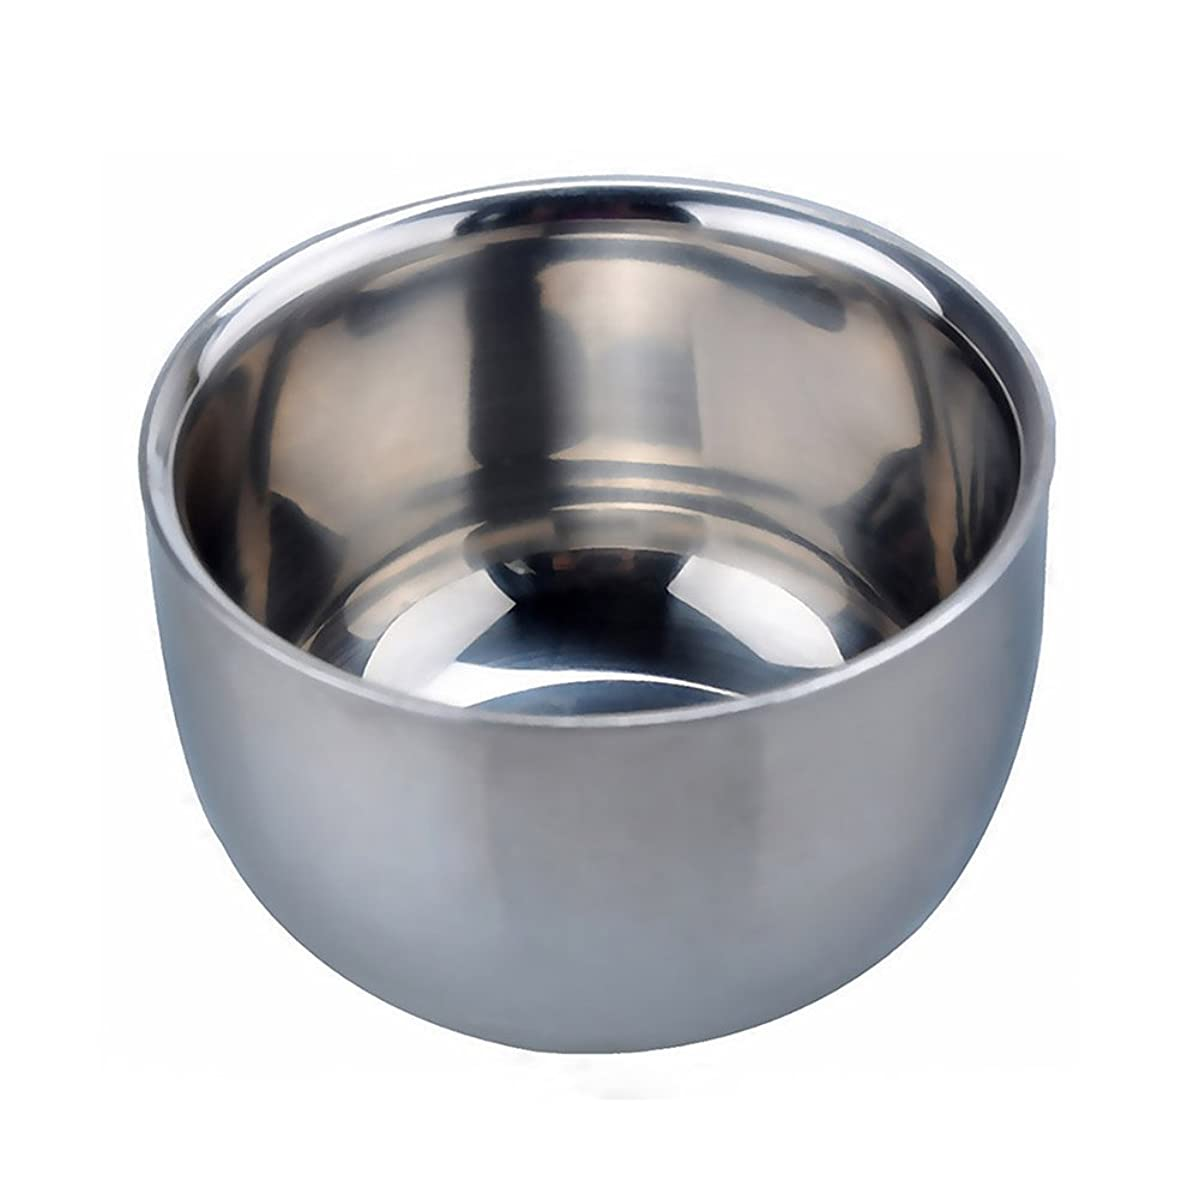 バーススクラップ検出するMen's Durable Shave Soap Cup Shining High Quality Double Layer Stainless Steel Heat Insulation Smooth Shaving Mug Bowl [並行輸入品]